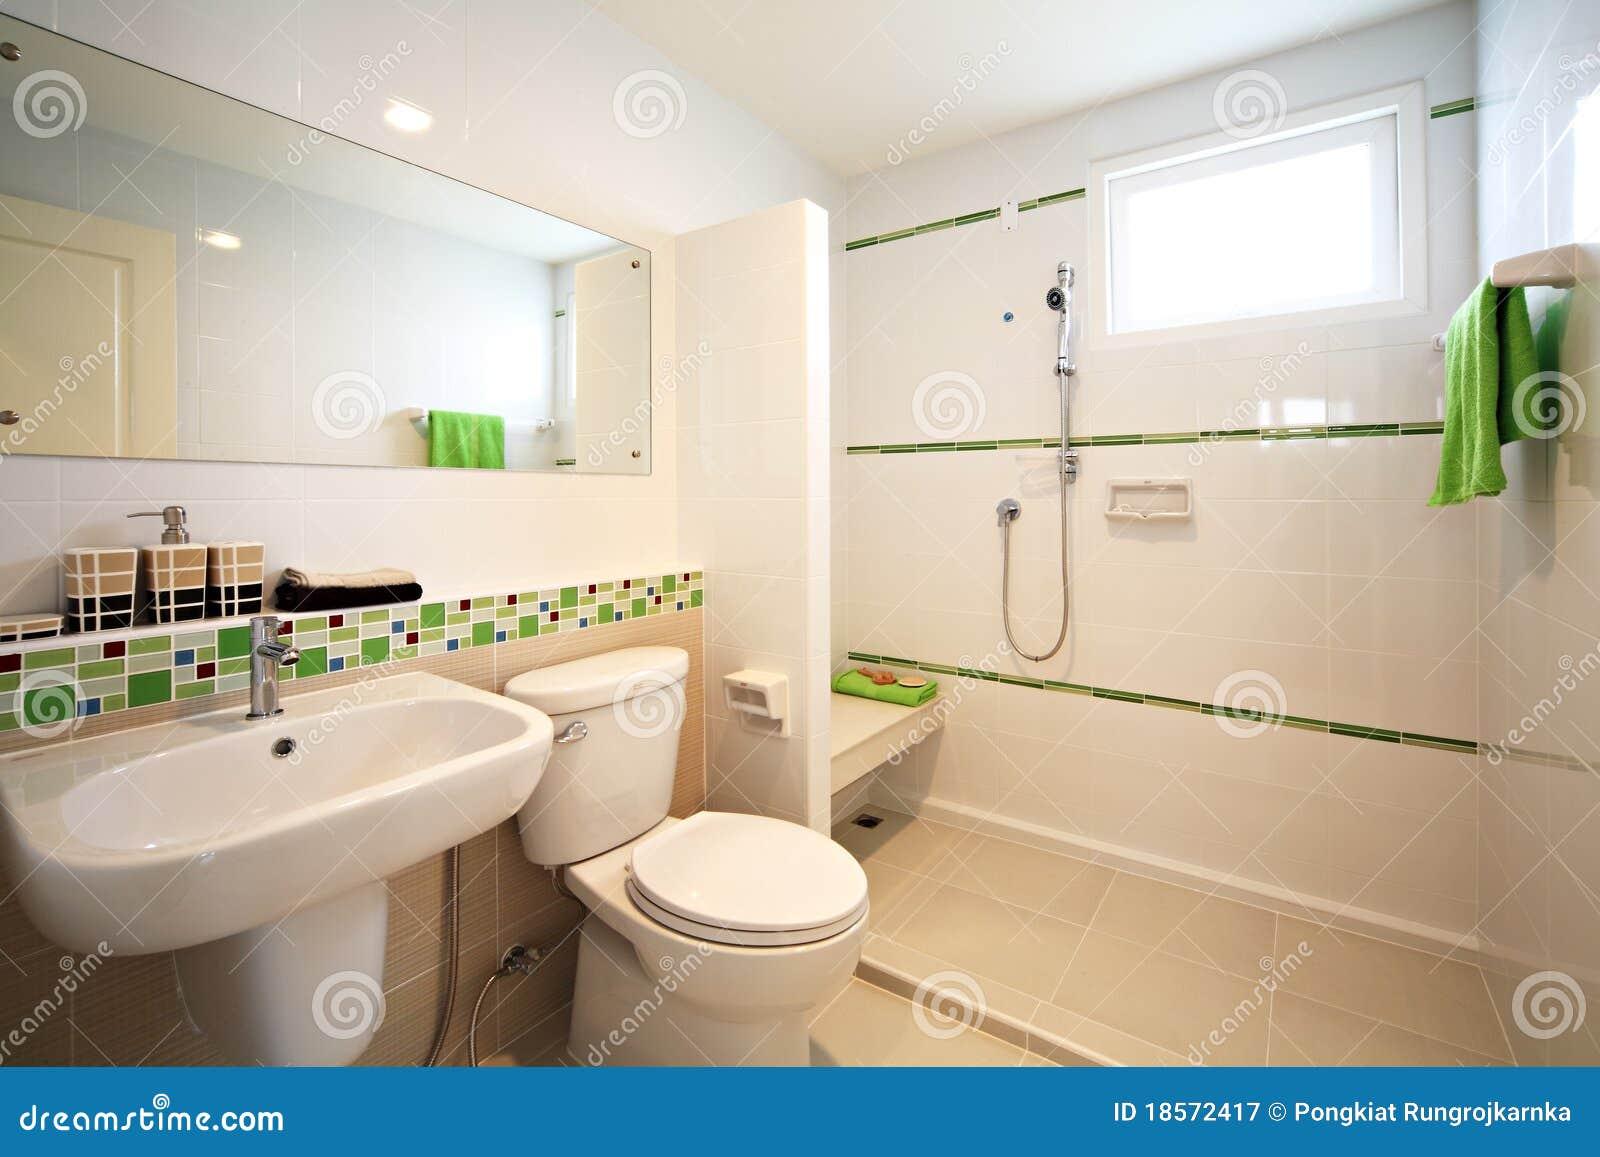 Banheiro Branco Moderno Fotografia de Stock Royalty Free  Imagem 18572417 -> Banheiro Moderno Branco